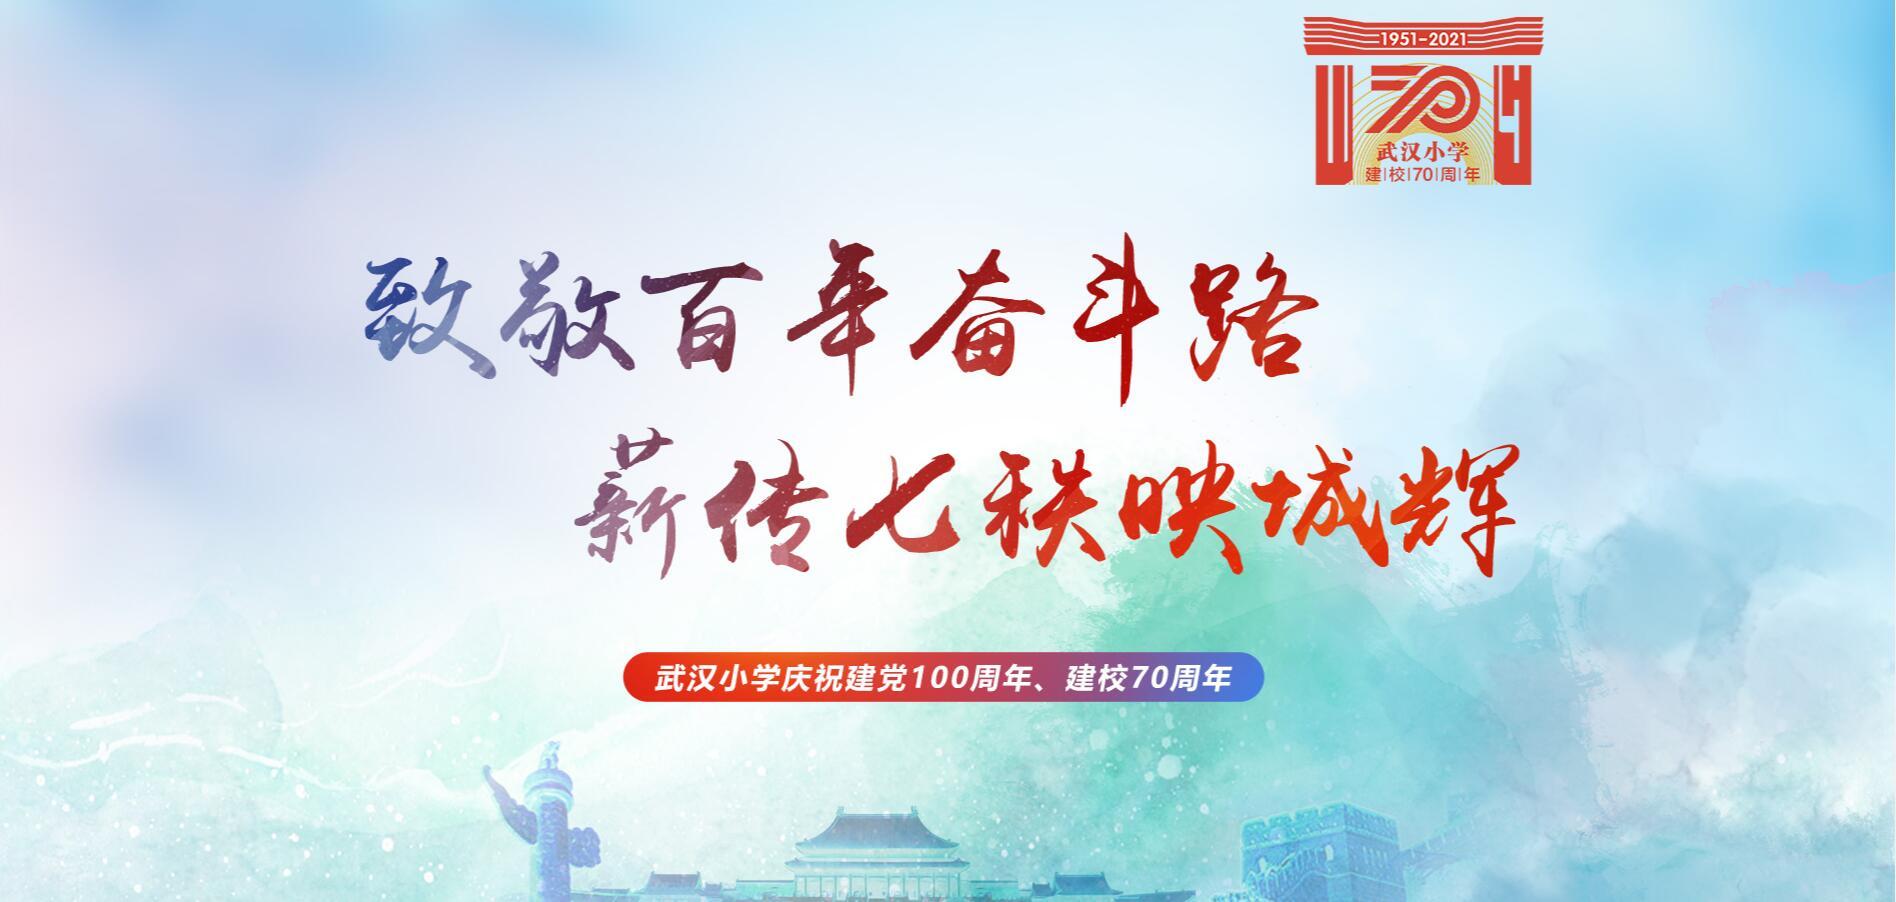 武汉小学:致敬百年奋斗路 薪传七秩映城辉